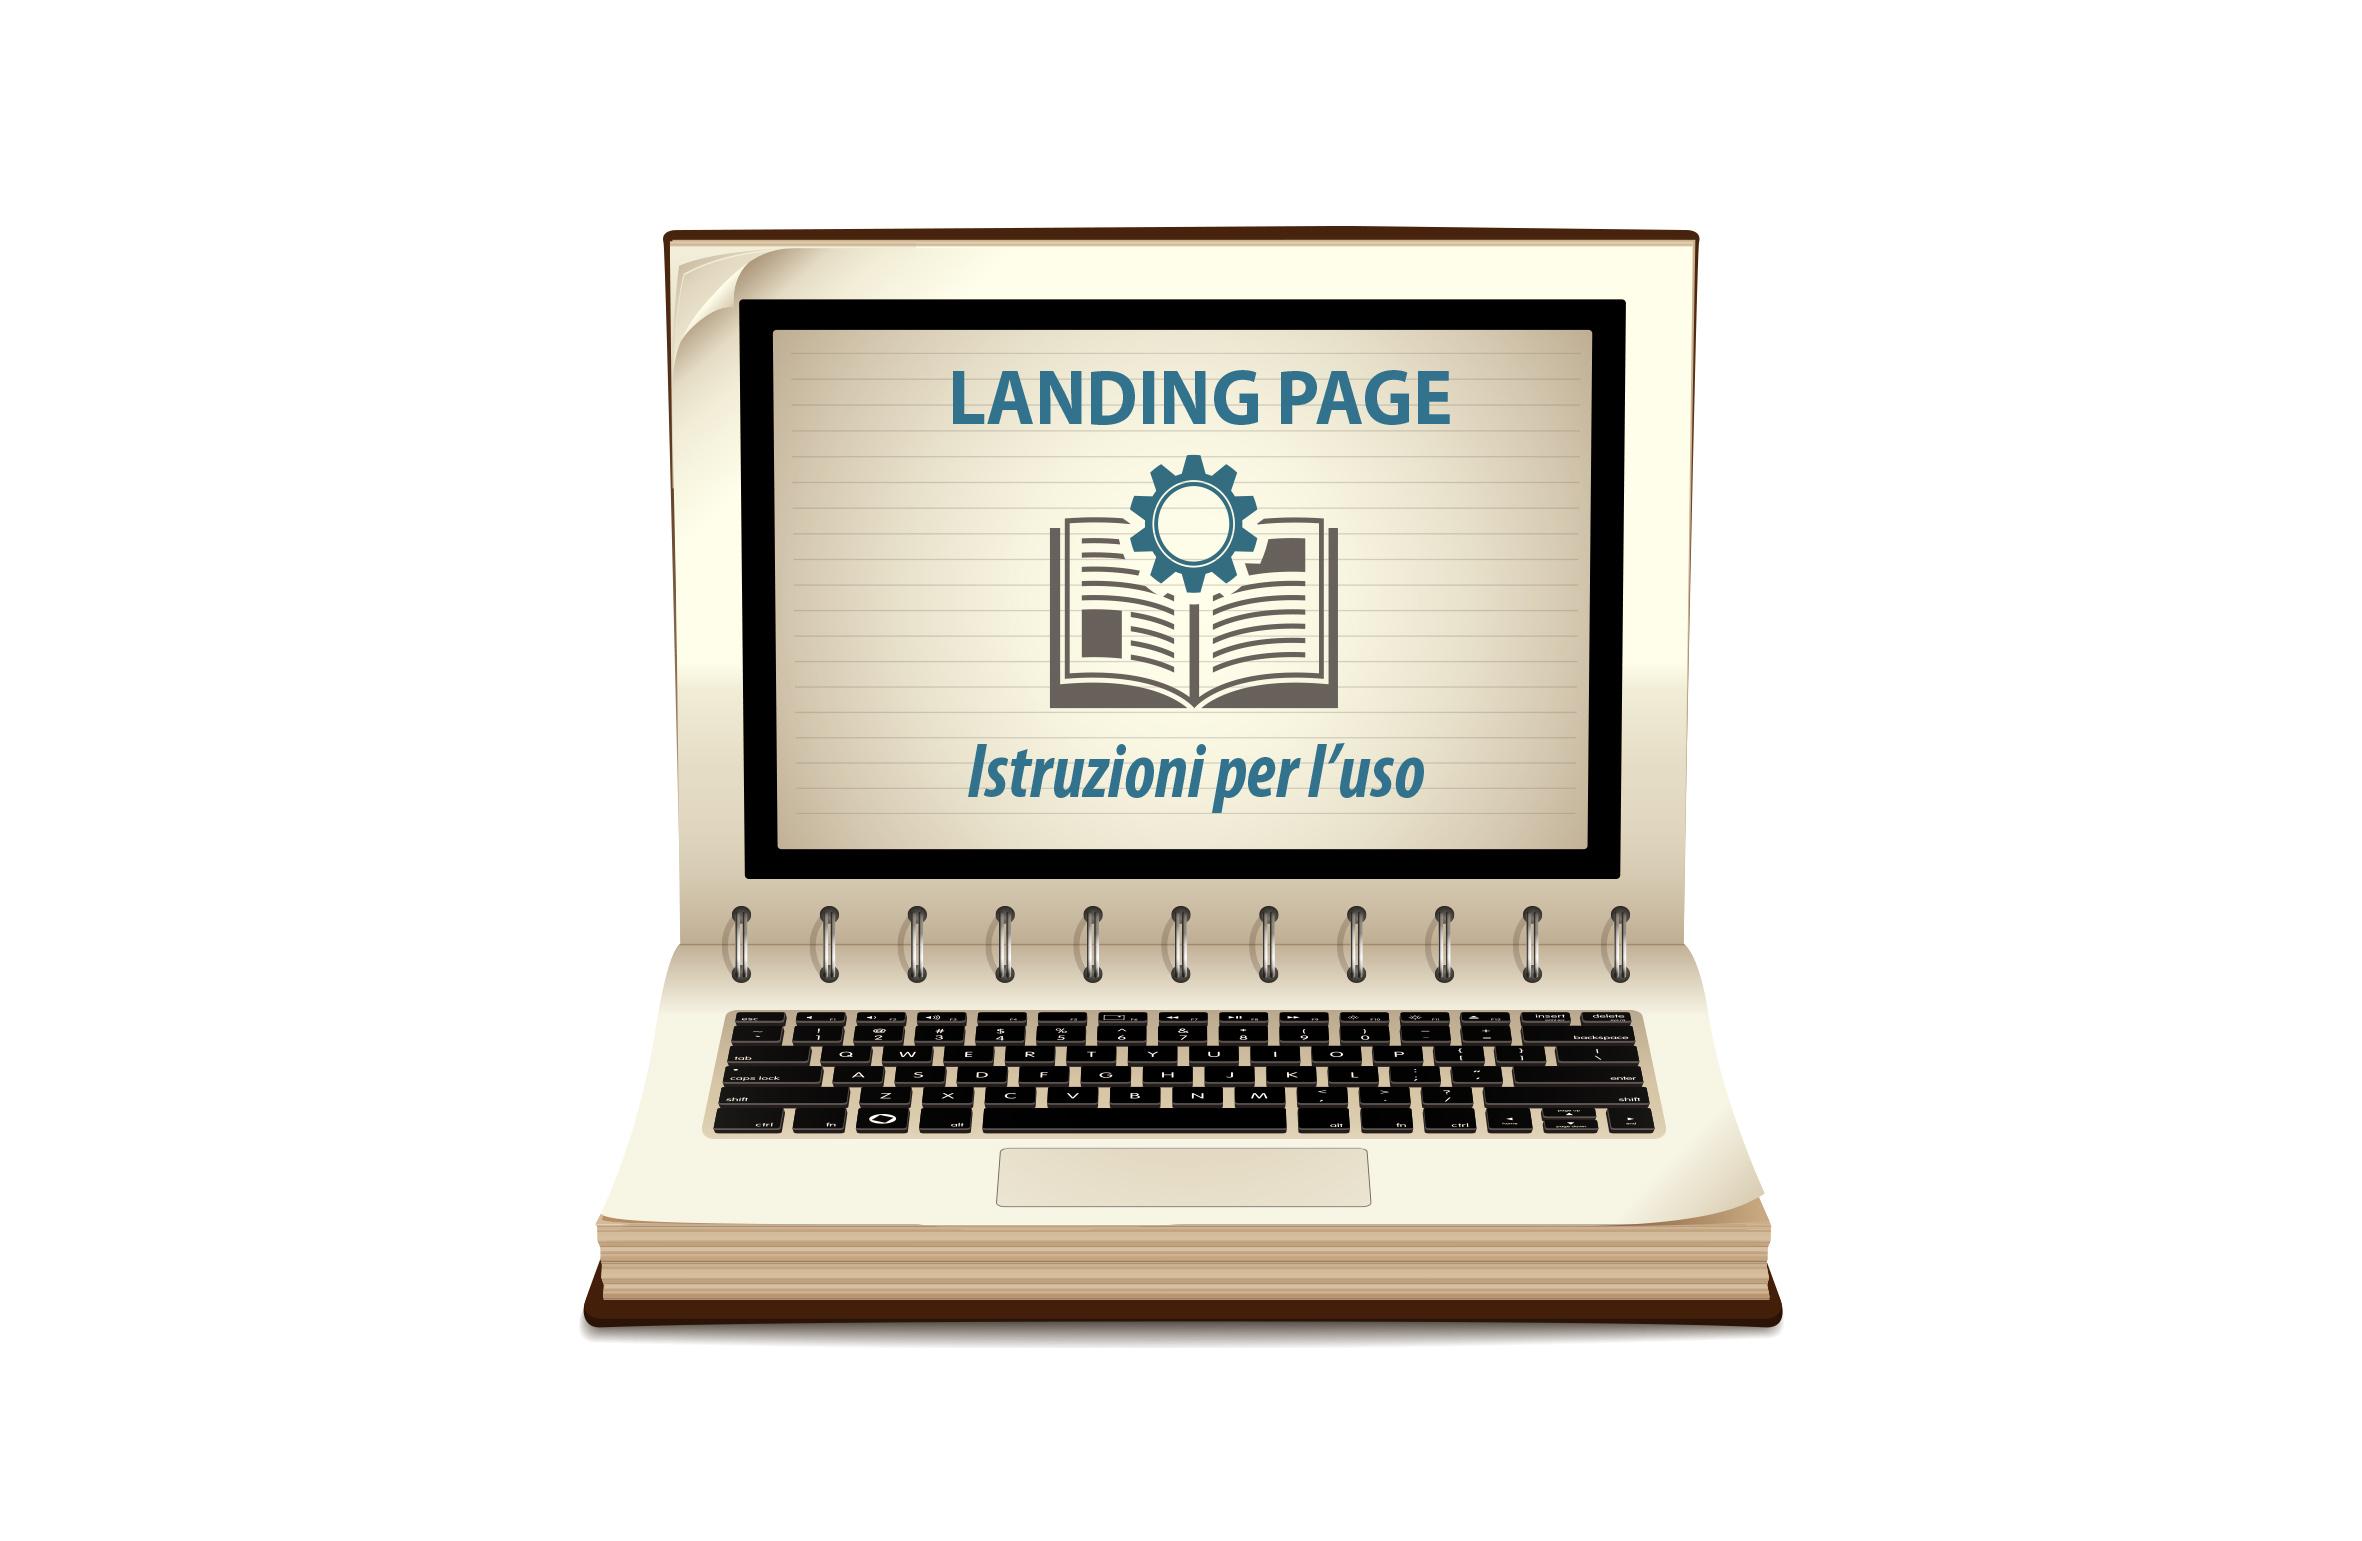 Landing page istruzioni per l'uso